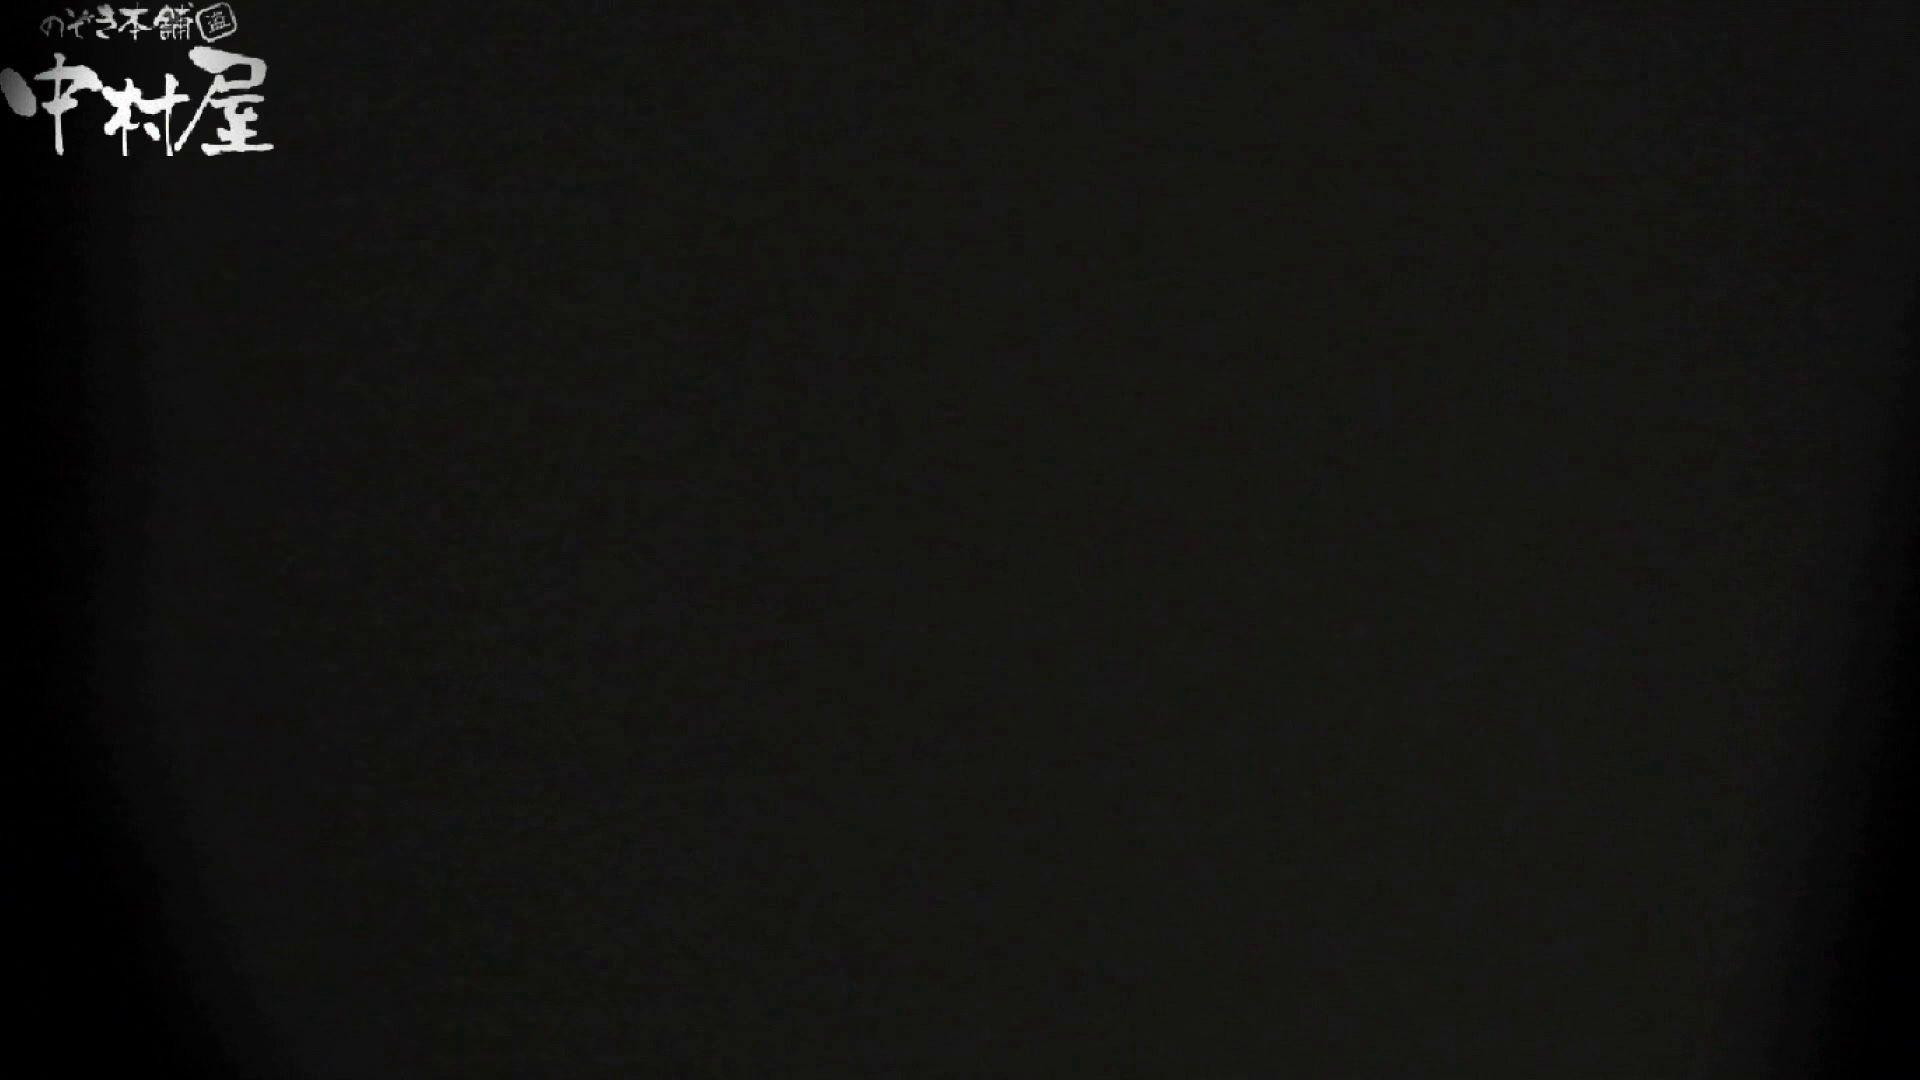 世界の射窓から~ステーション編~vol40 更に画質アップ!! OLハメ撮り  49Pix 36